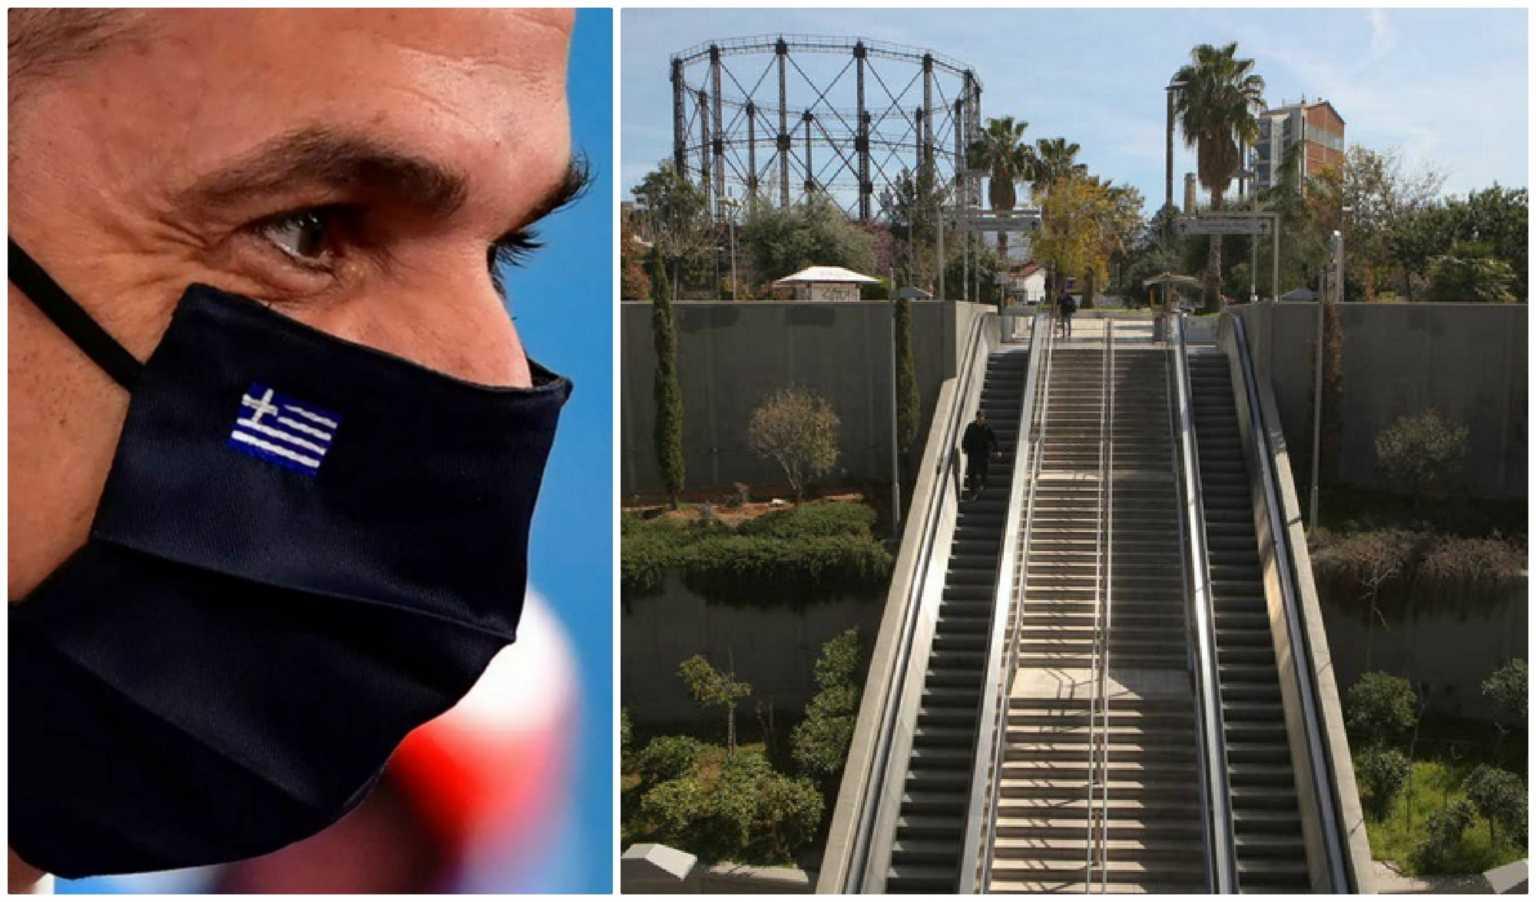 Νέα μέτρα: Εποχές Μαρτίου στα… χέρια του Μητσοτάκη και ώρα αποφάσεων